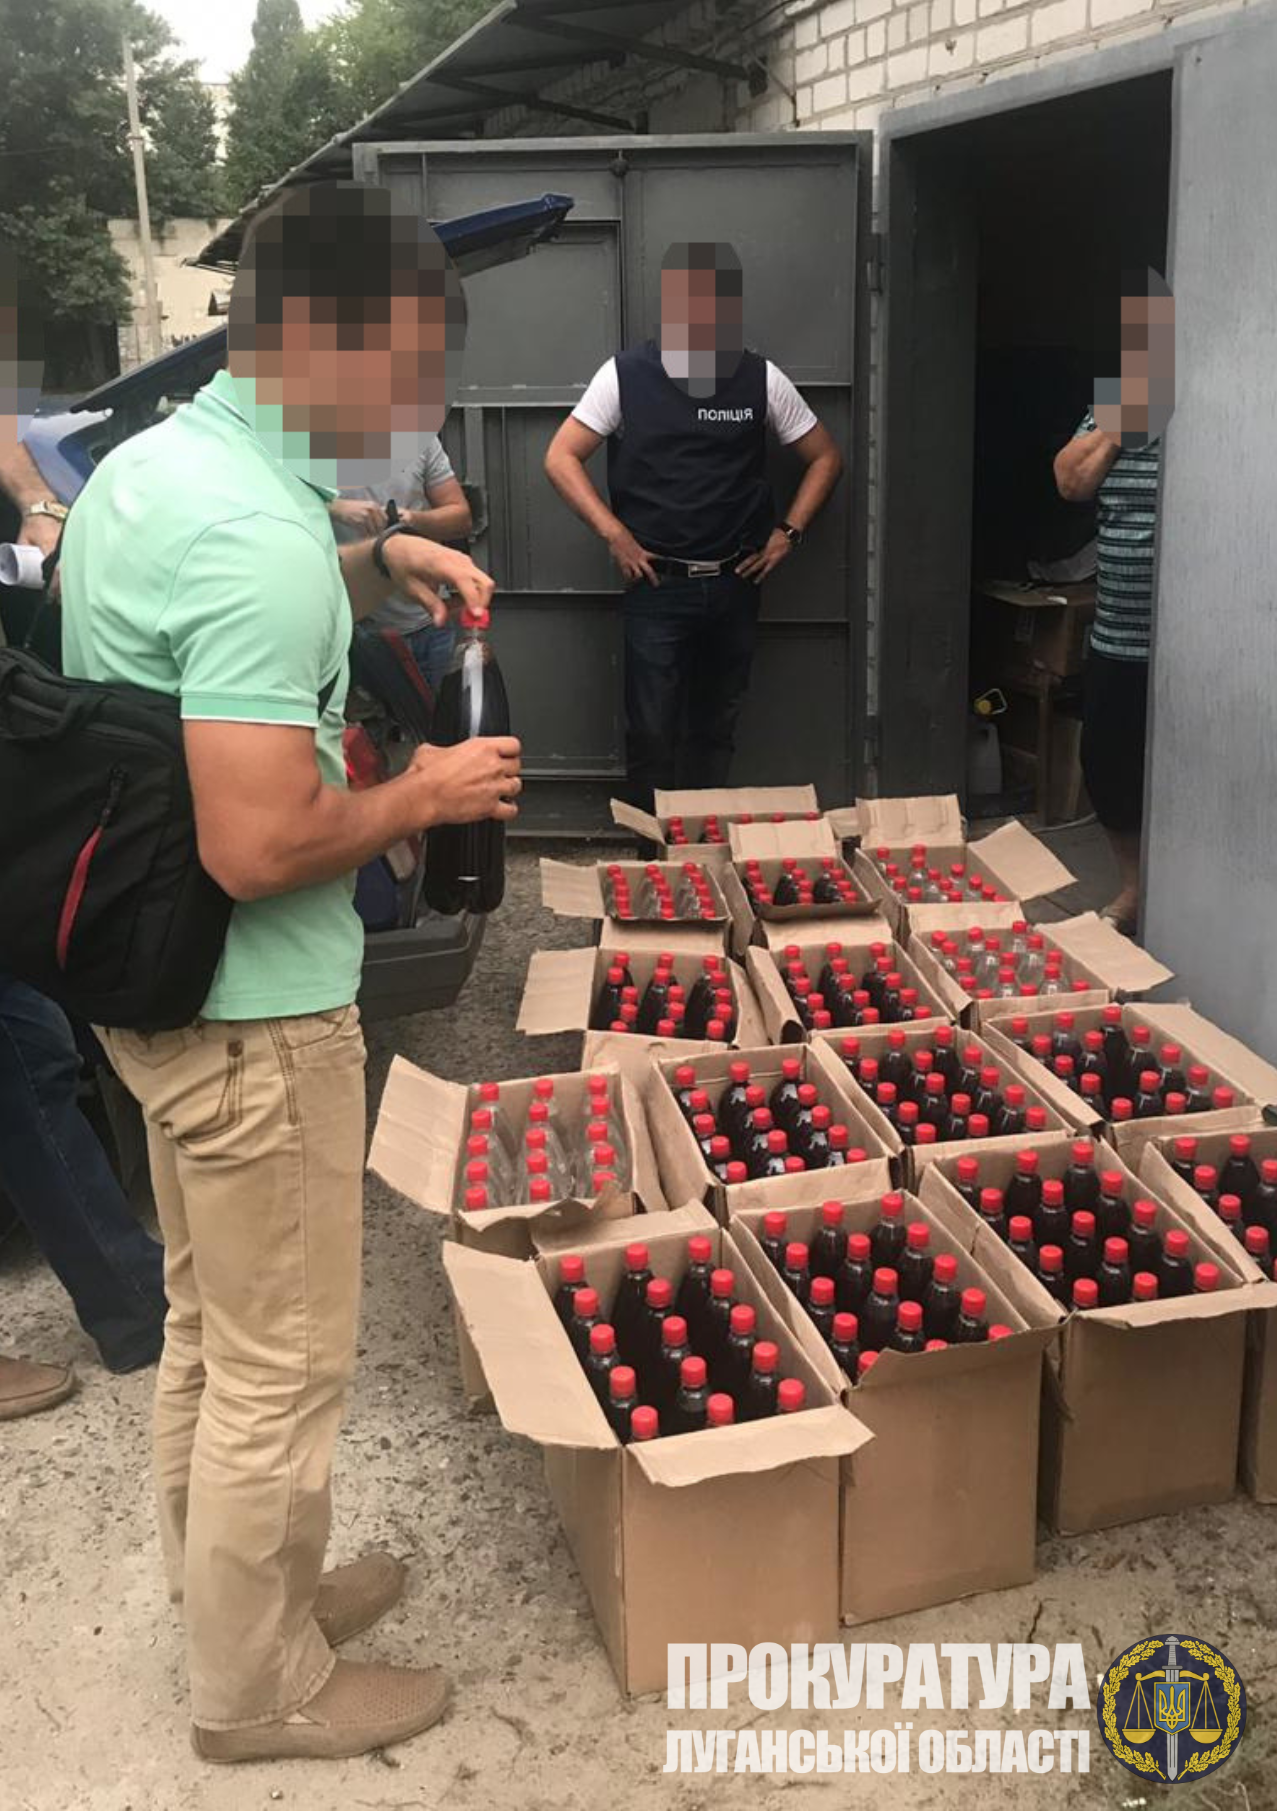 Северодончанка с сообщниками организовали незаконную реализацию фальсифицированного алкоголя, фото-2